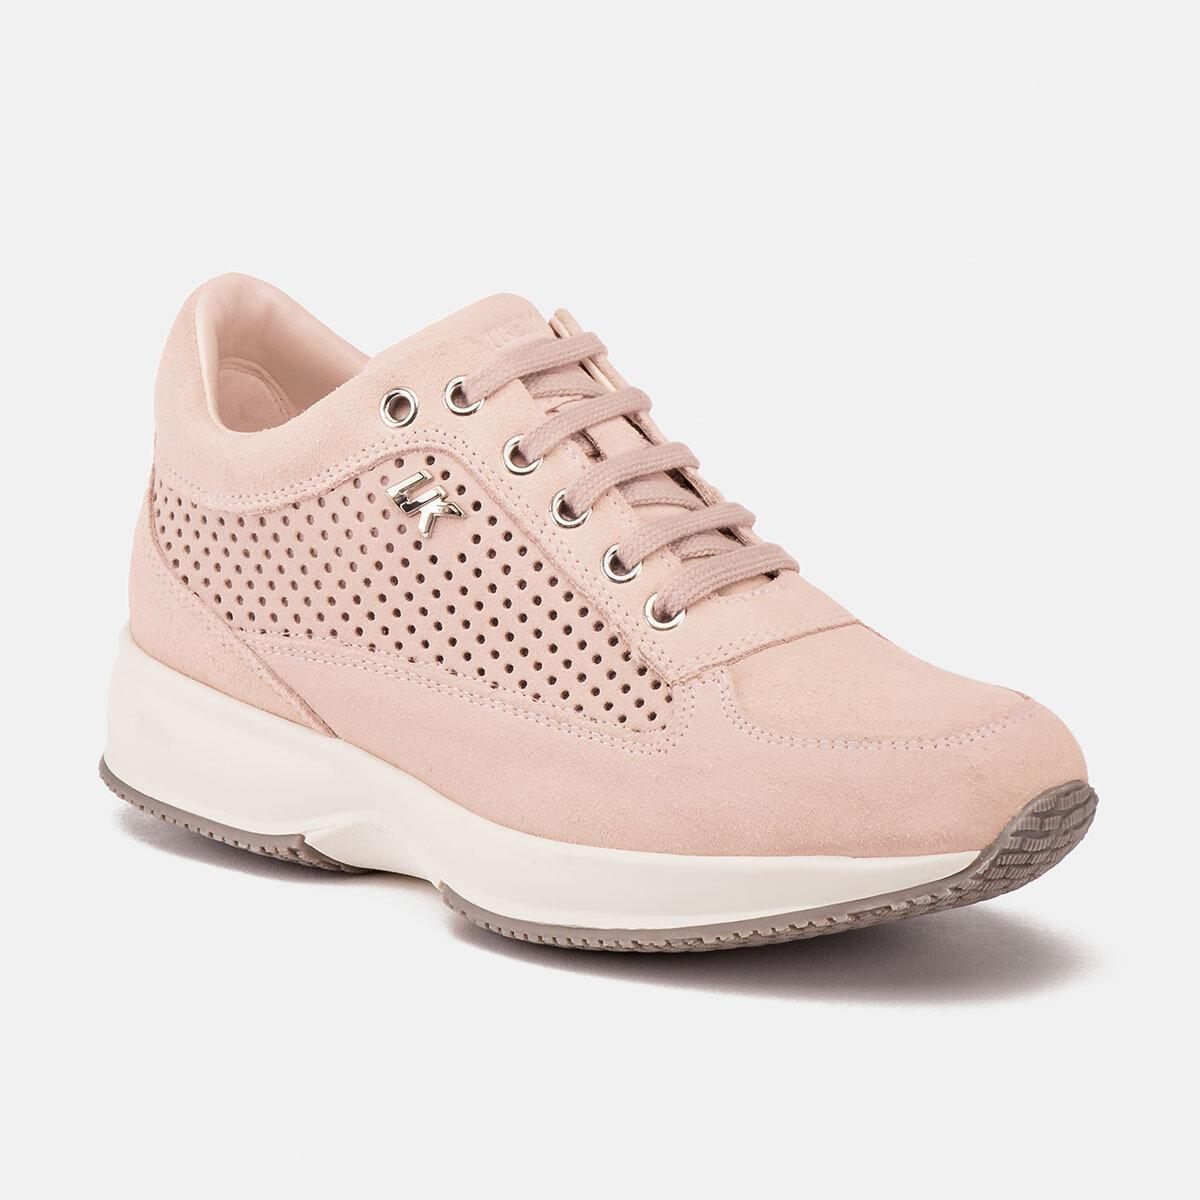 RAUL ROSE Woman Sneakers